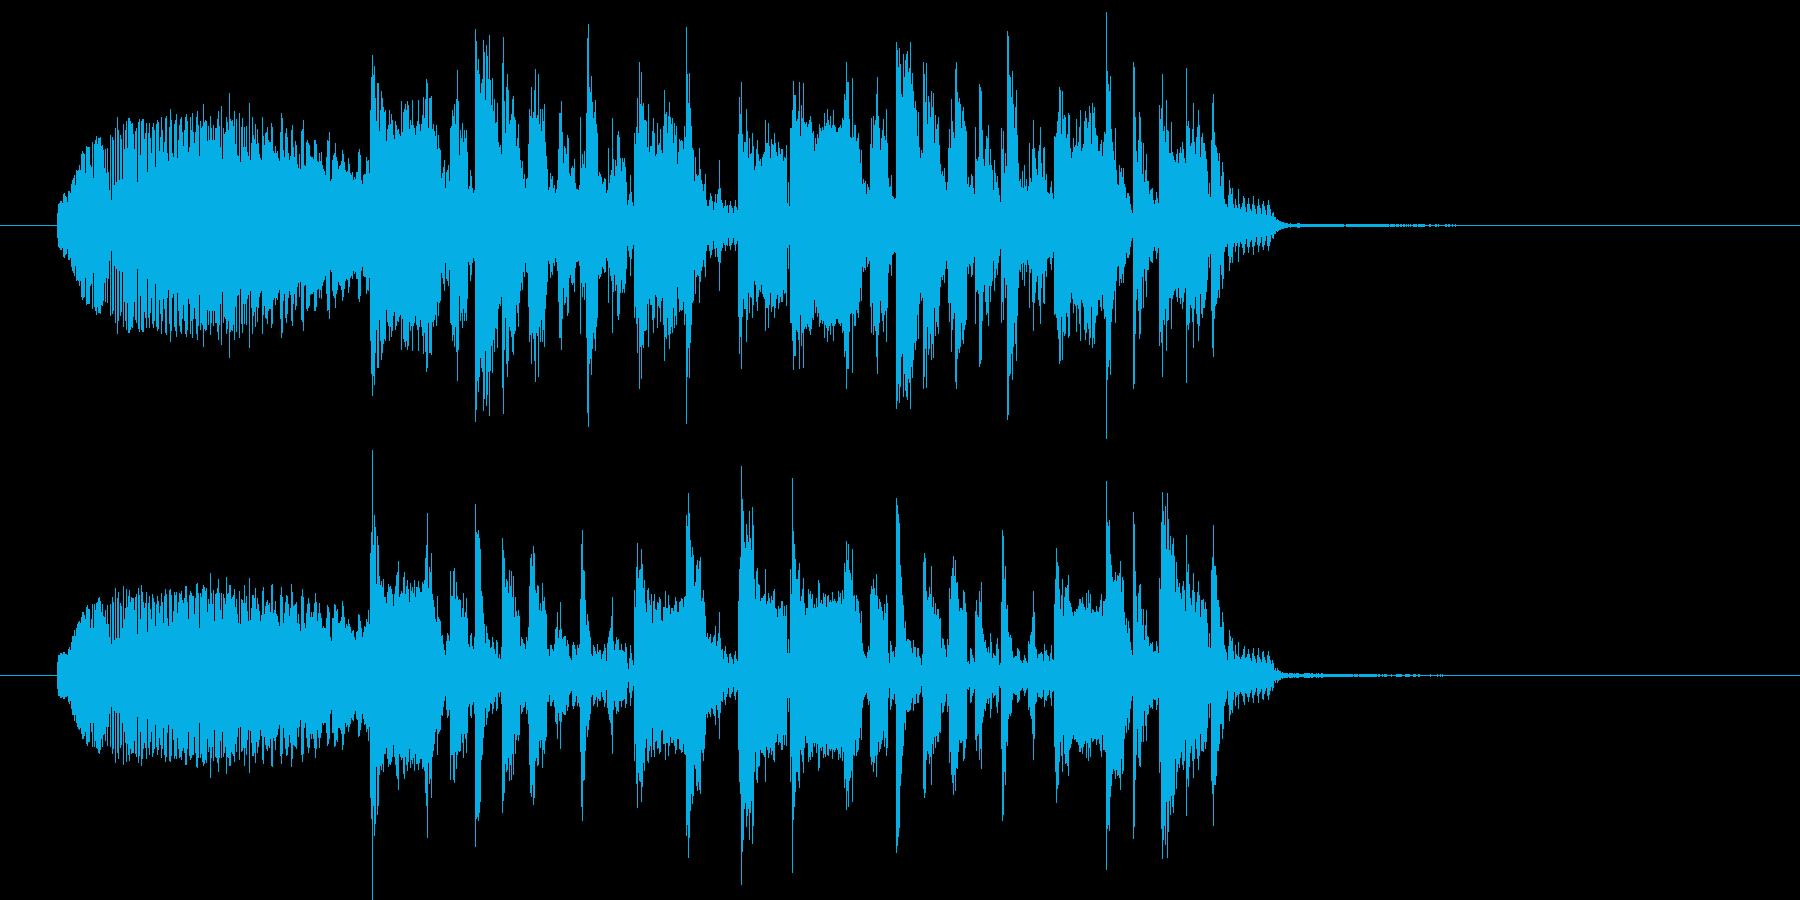 シュオーン+ジングルの再生済みの波形